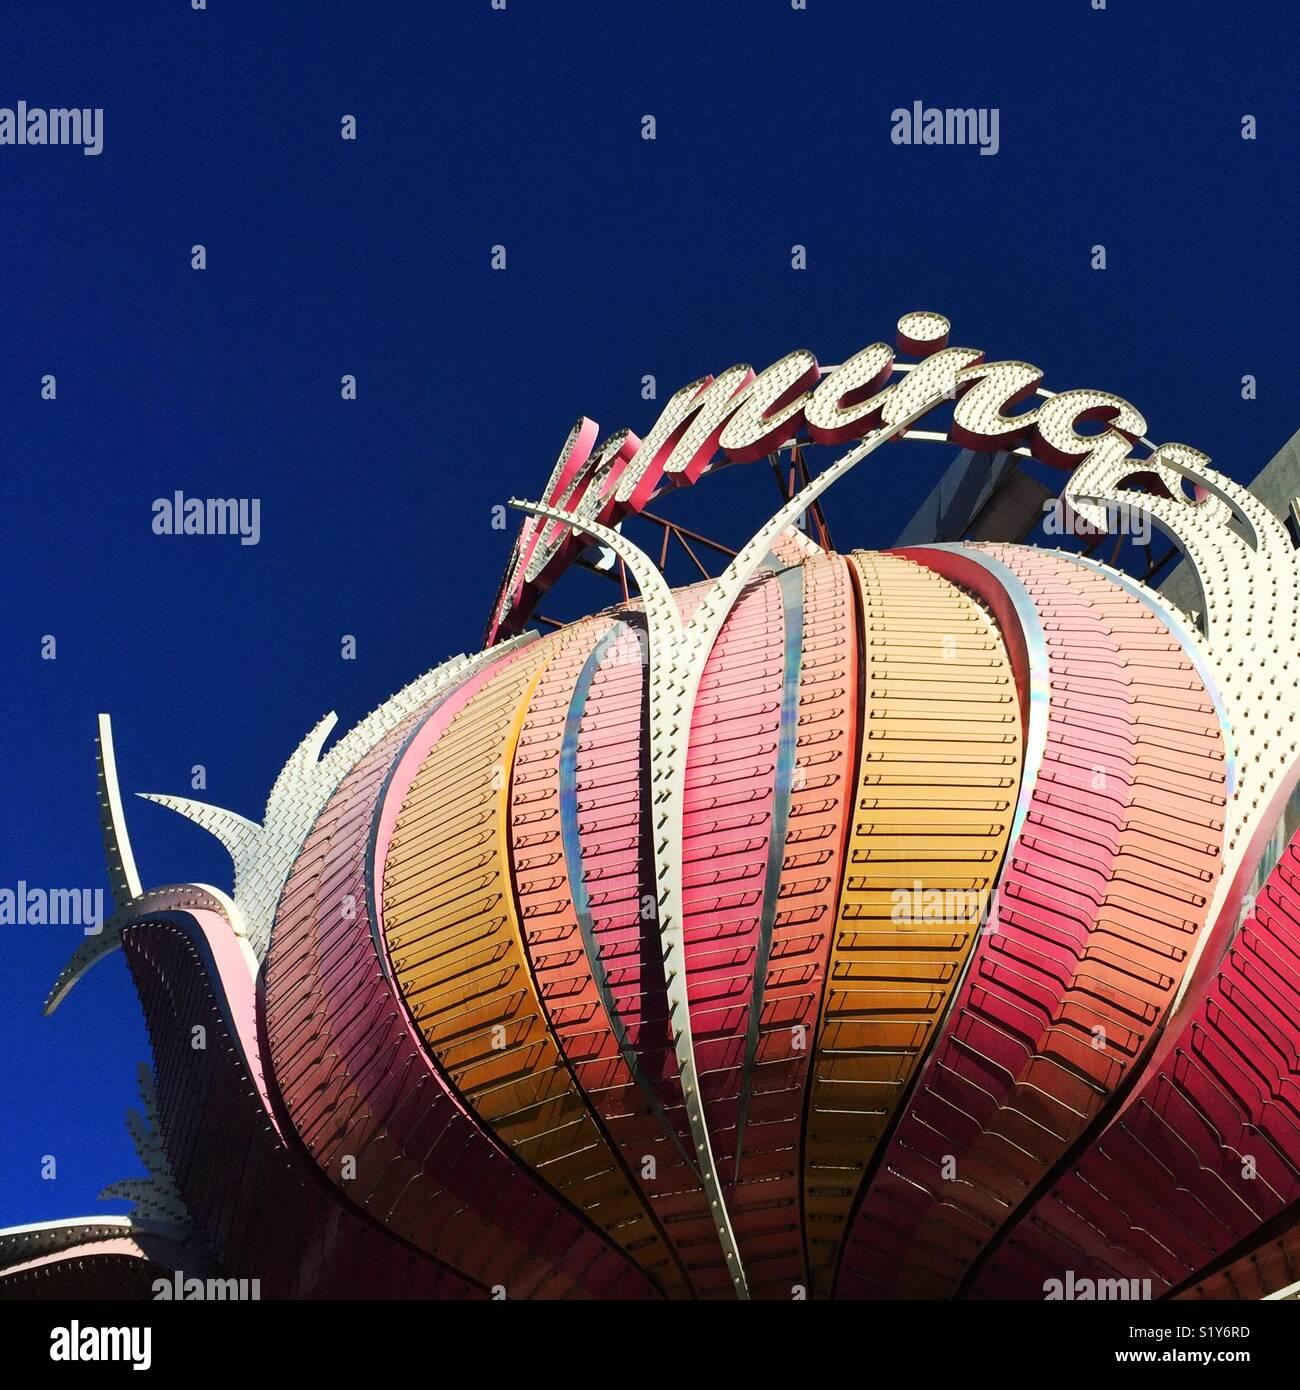 Célèbre signe de l'hôtel Flamingo de Las Vegas, Nevada Photo Stock